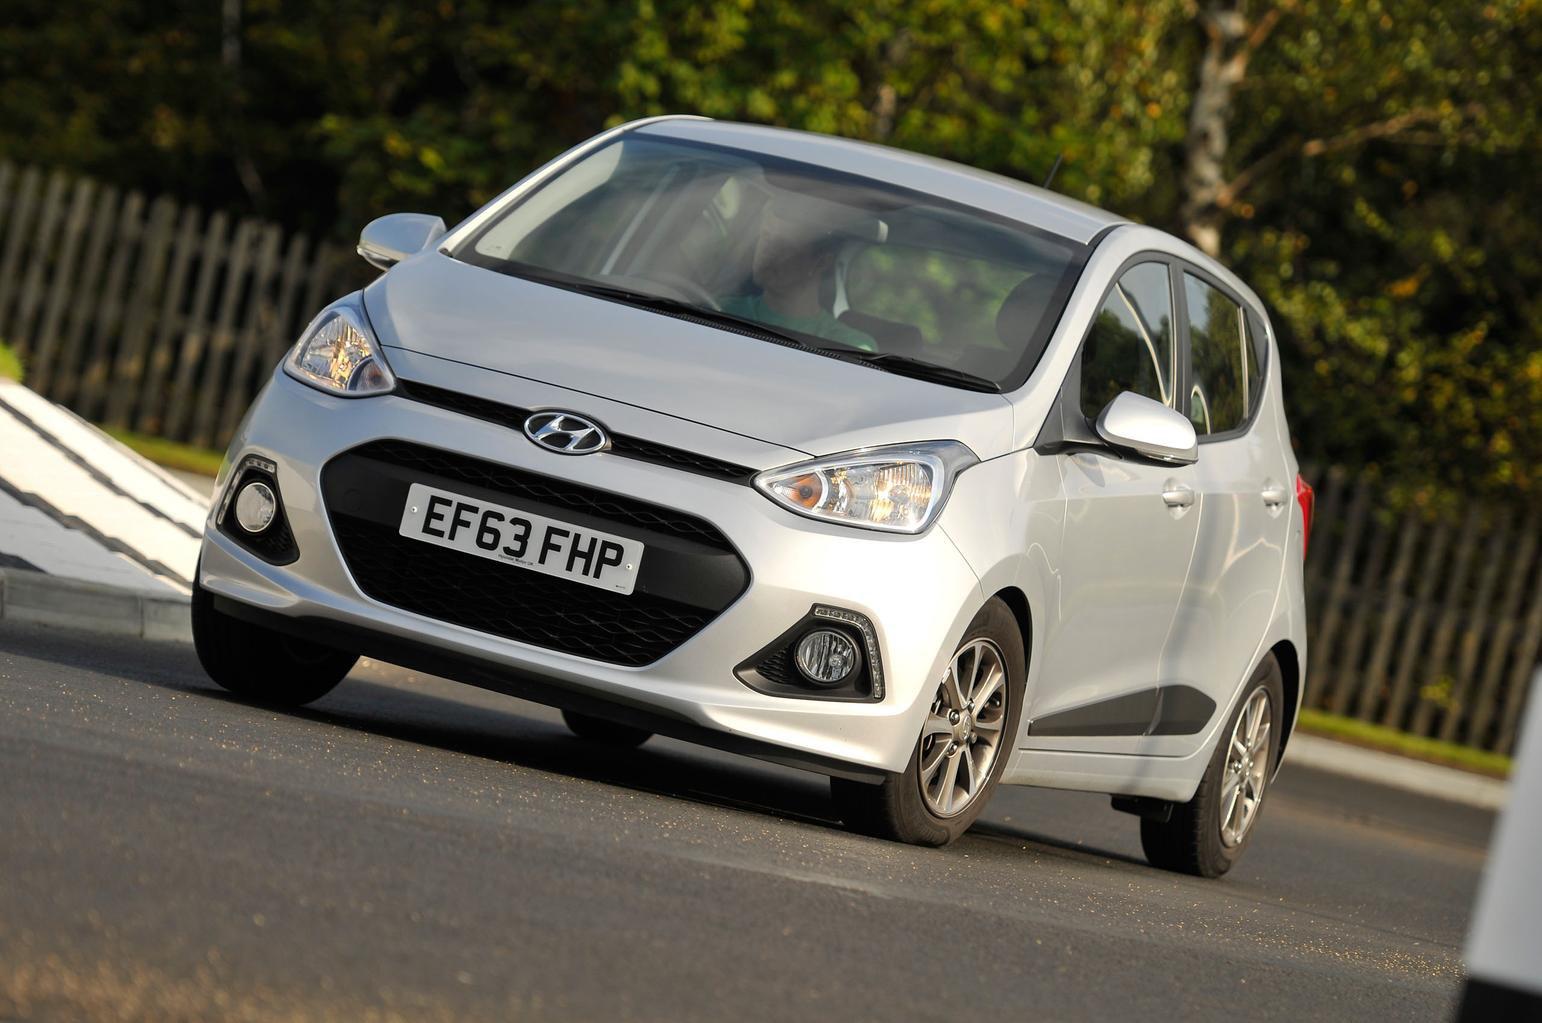 10 reasons to buy a Hyundai i10